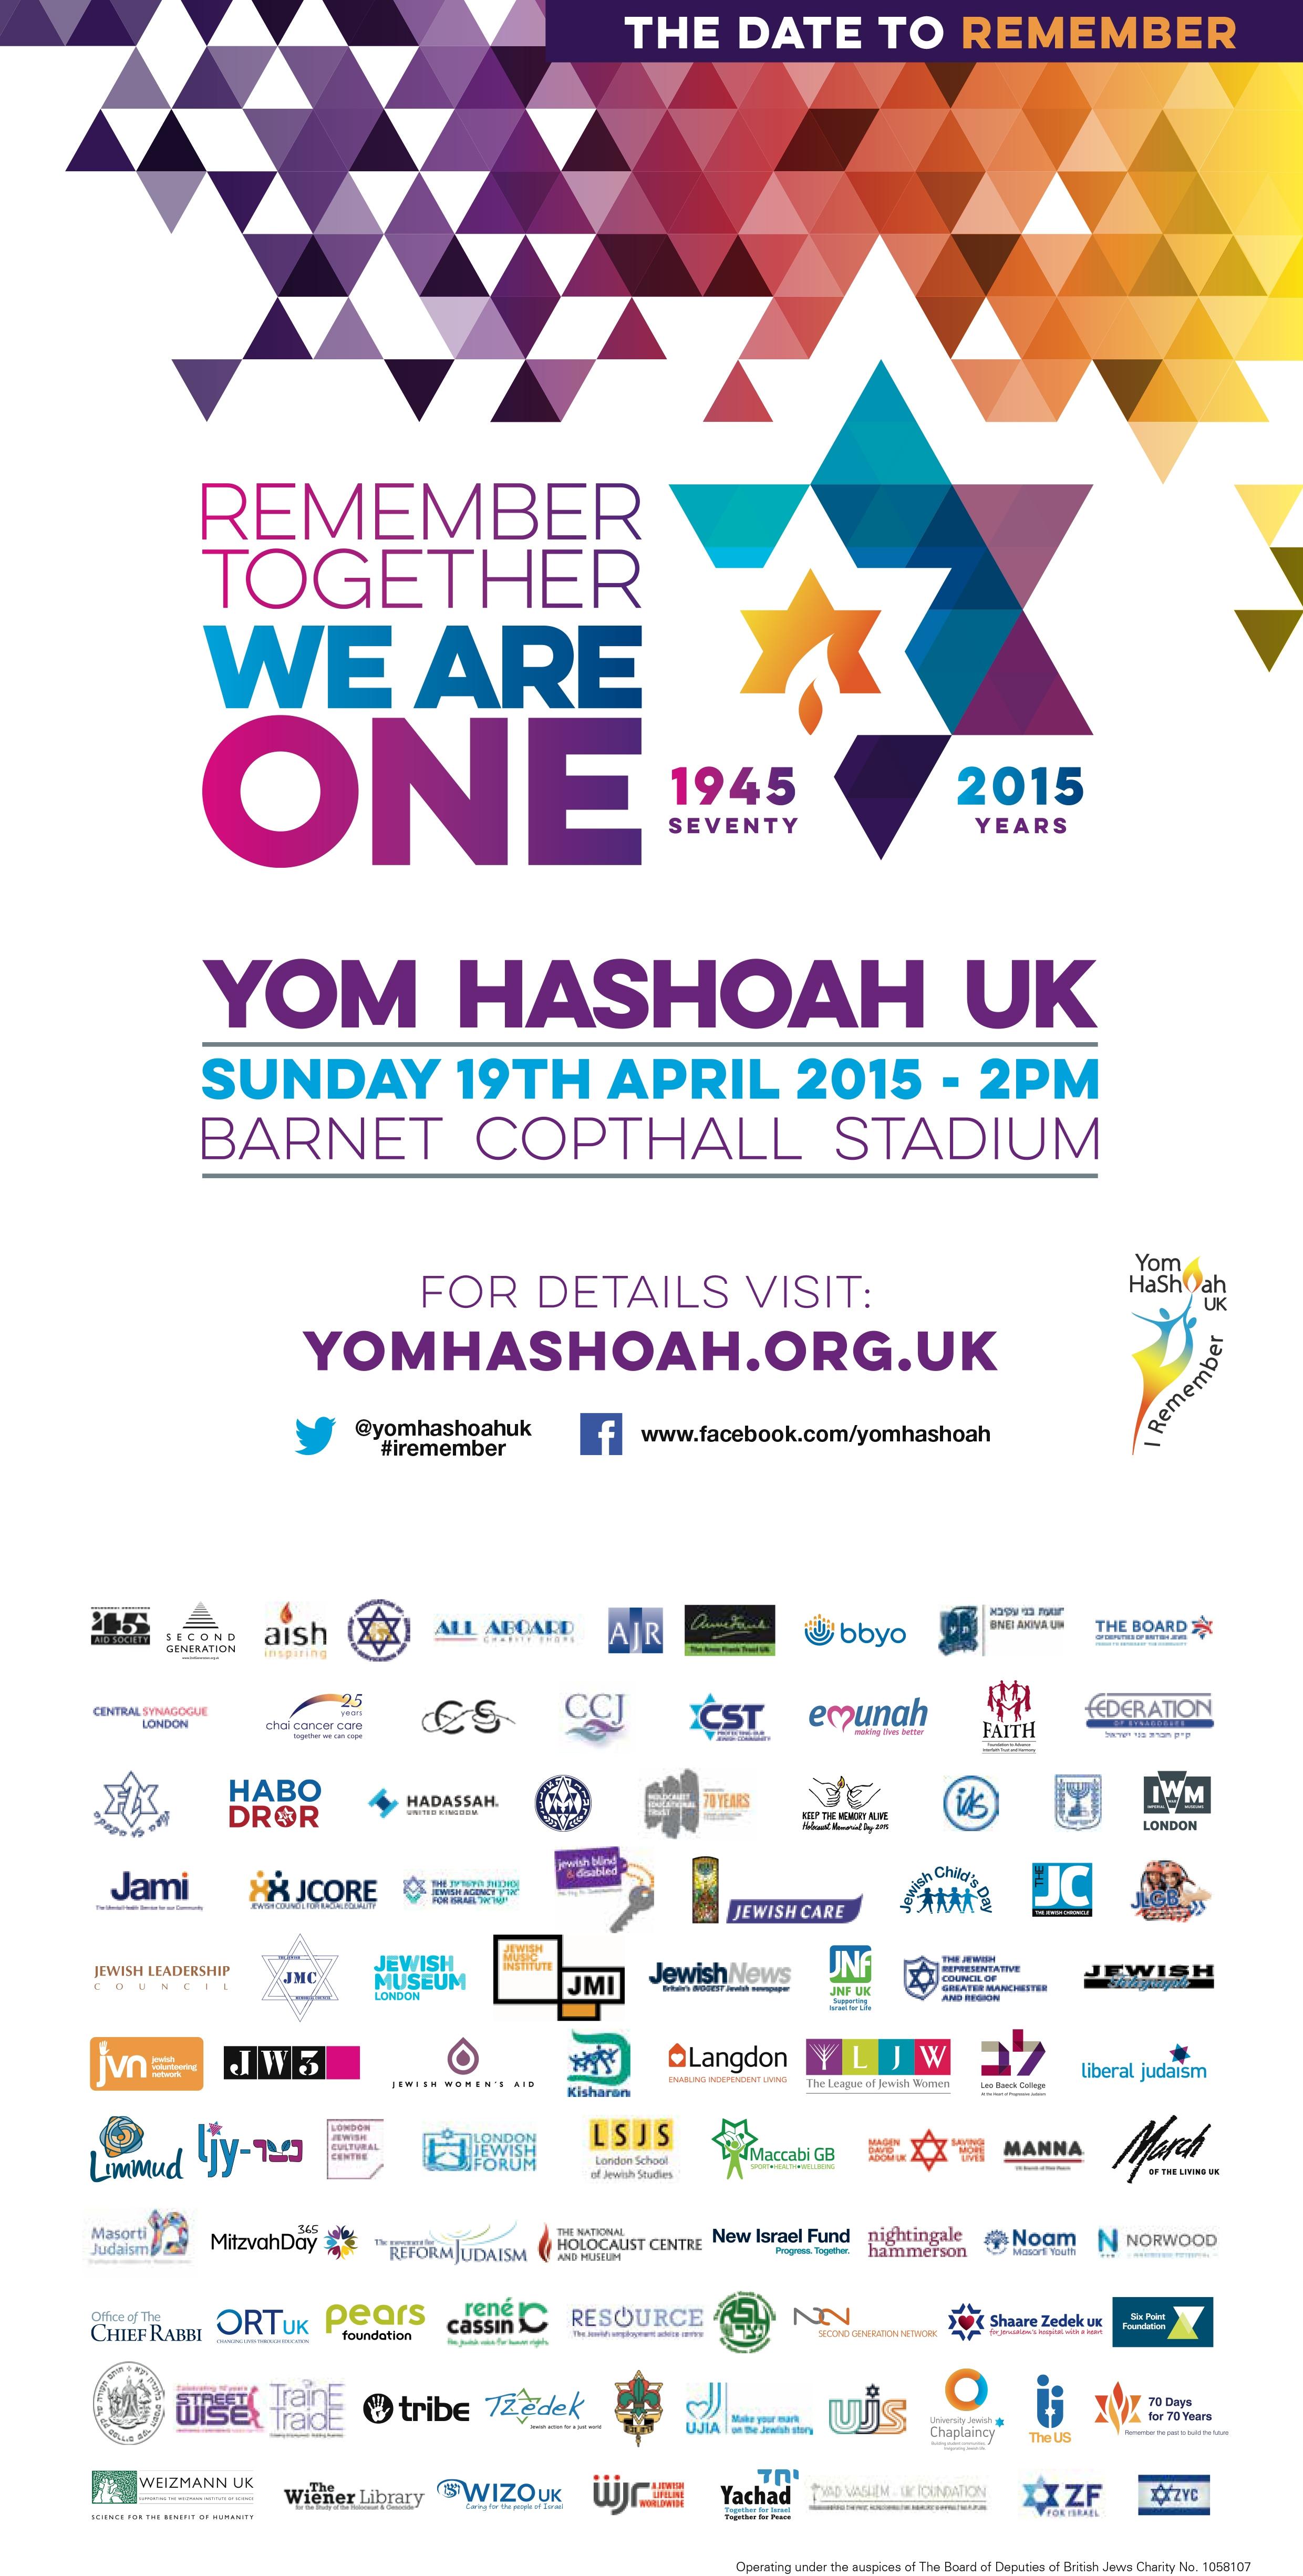 Yom HaShoah 2015 flyer (1)